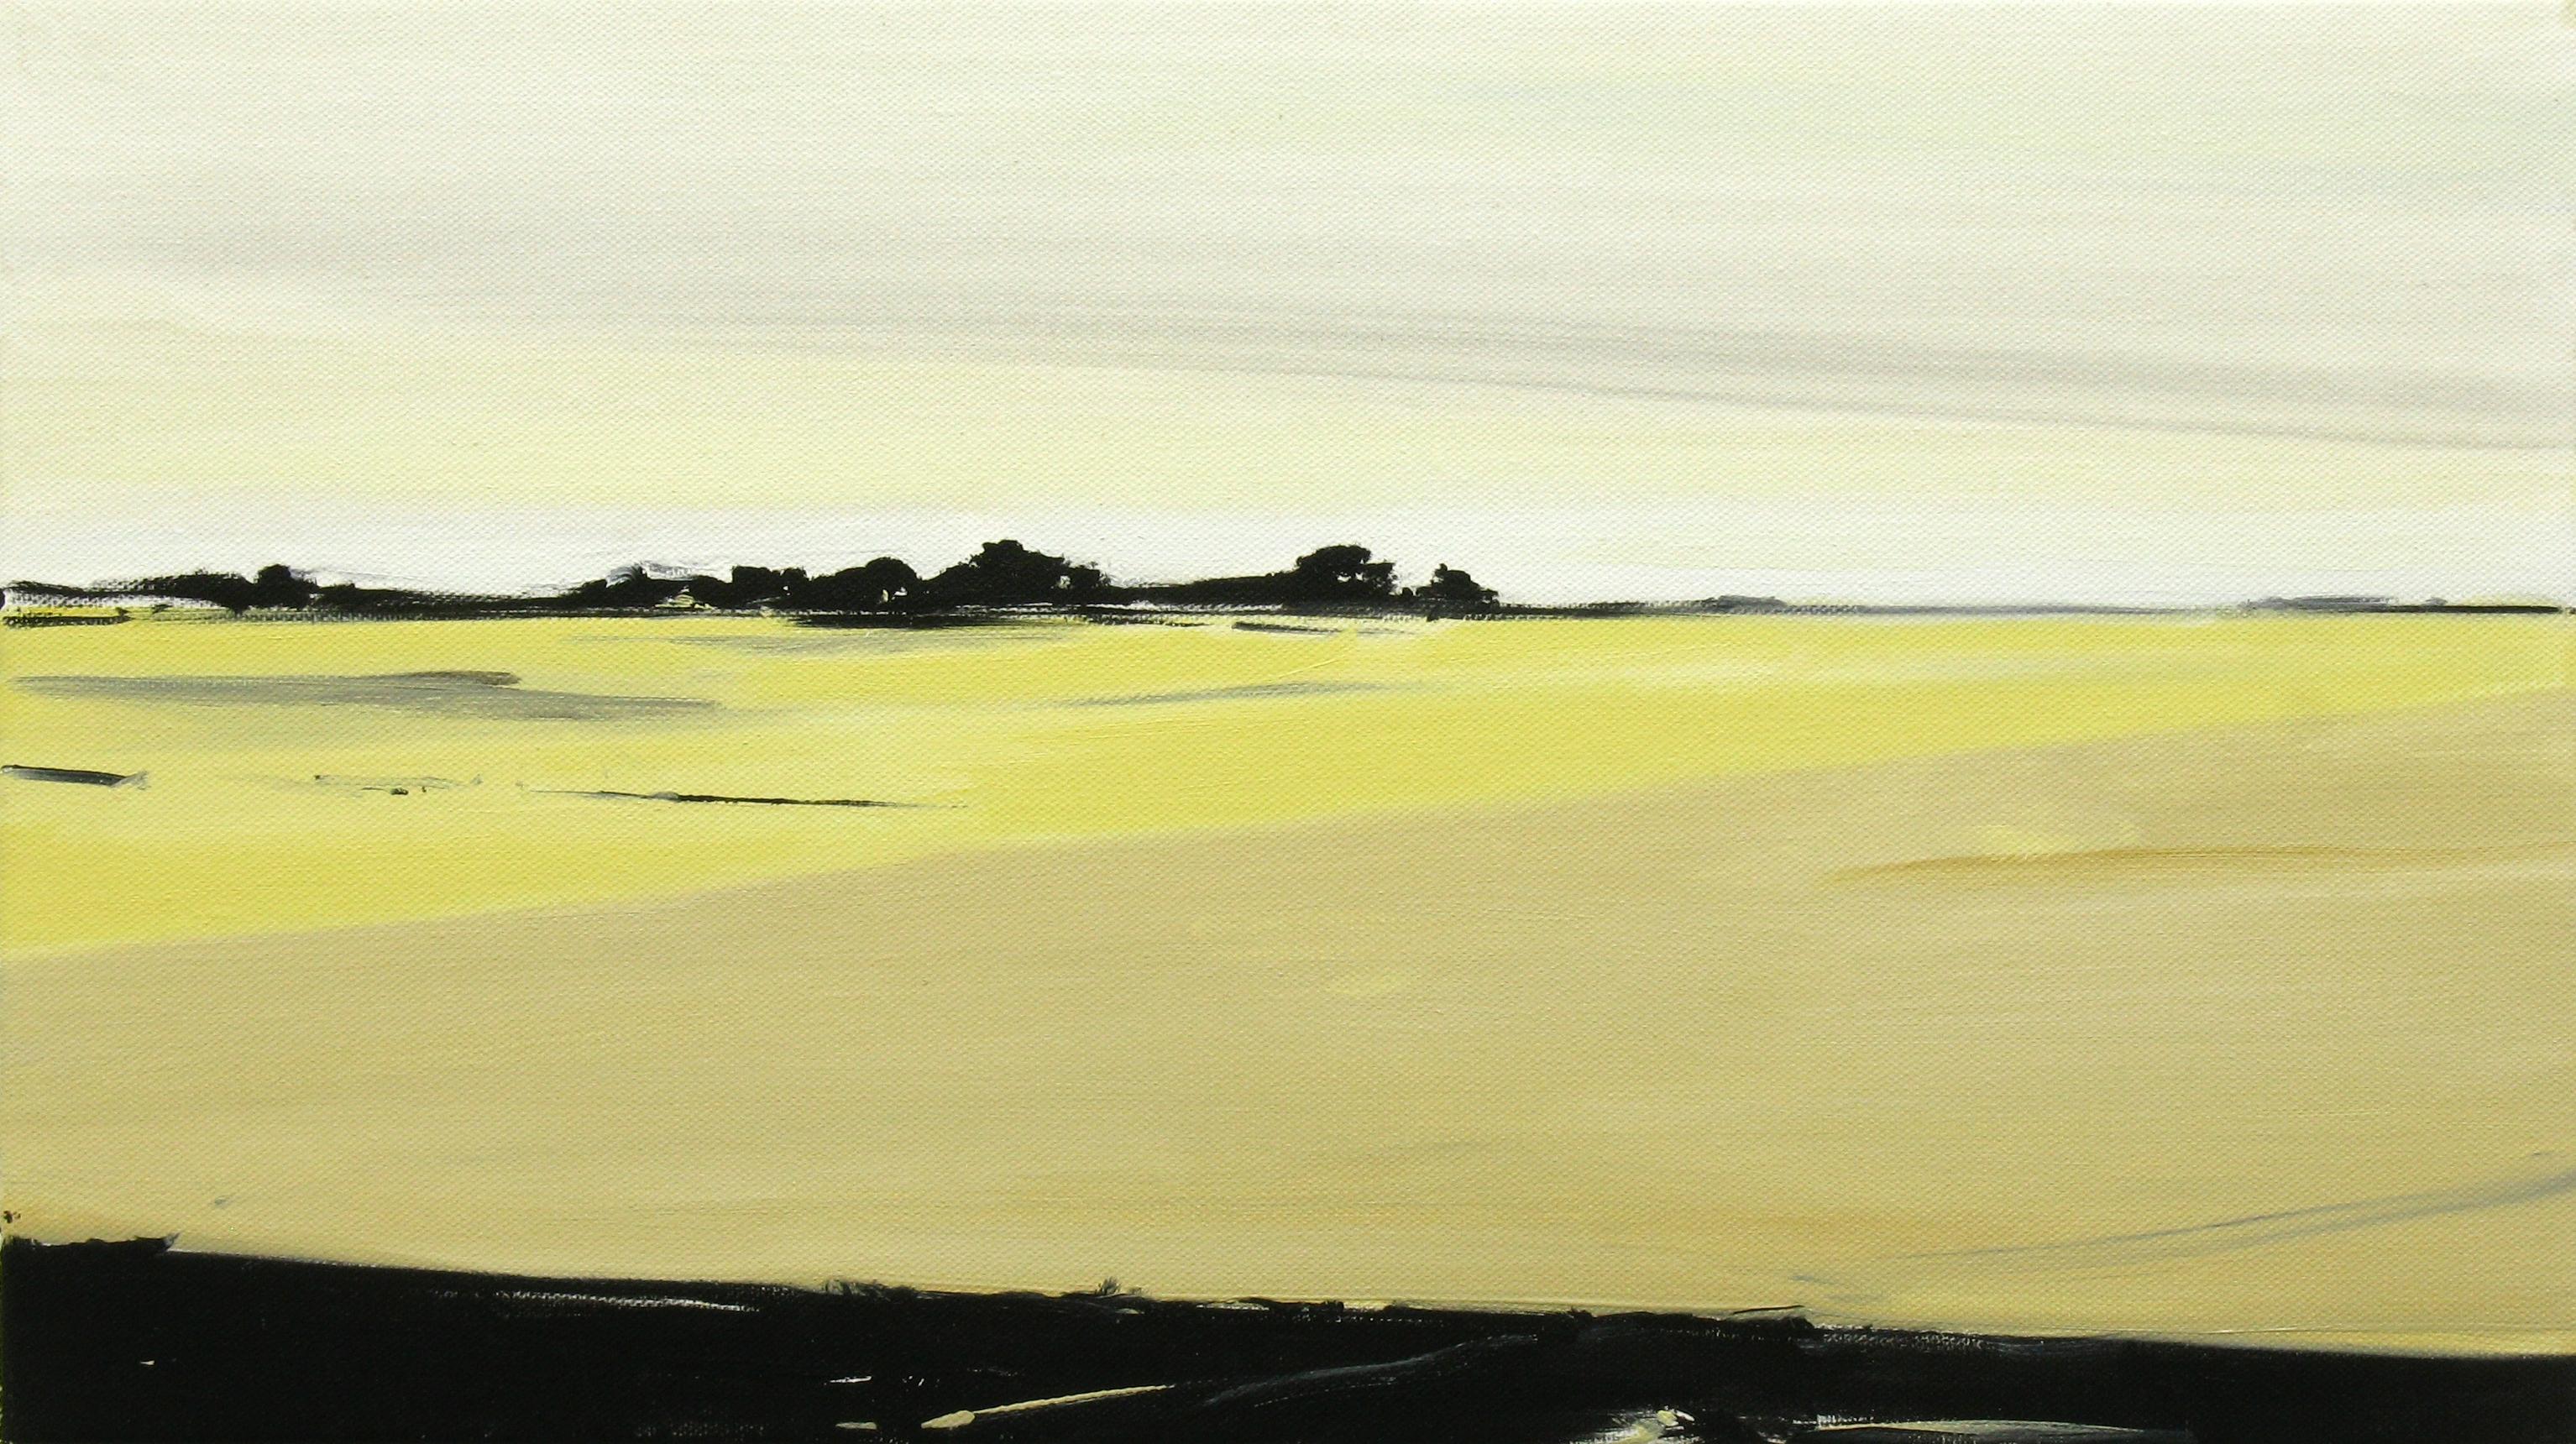 Matthieu van Riel. Schilderijen. Zonder titel 40x70cm olie op linnen 2012